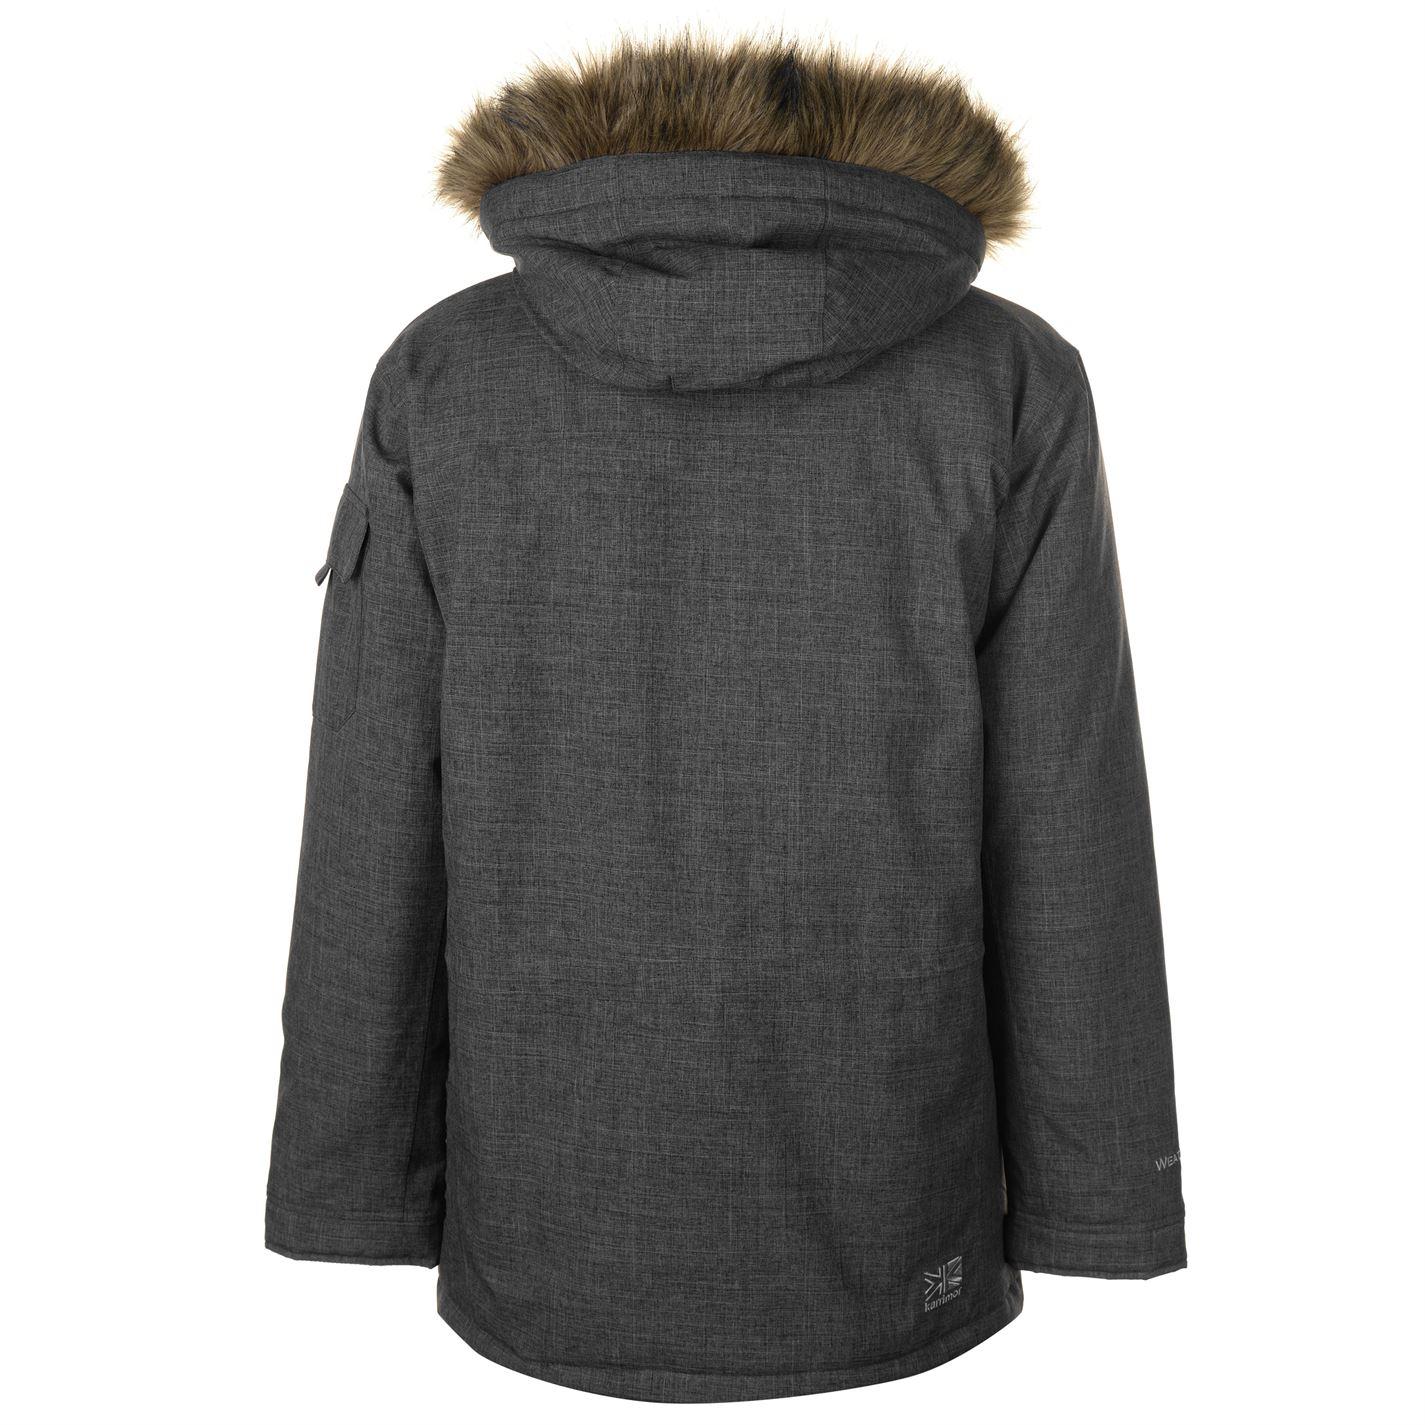 Karrimor-Herren-Parka-Jacke-Mantel-Oberteil-Chin-Guard-High-Neck-Hooded-Zip-voll-warm Indexbild 12